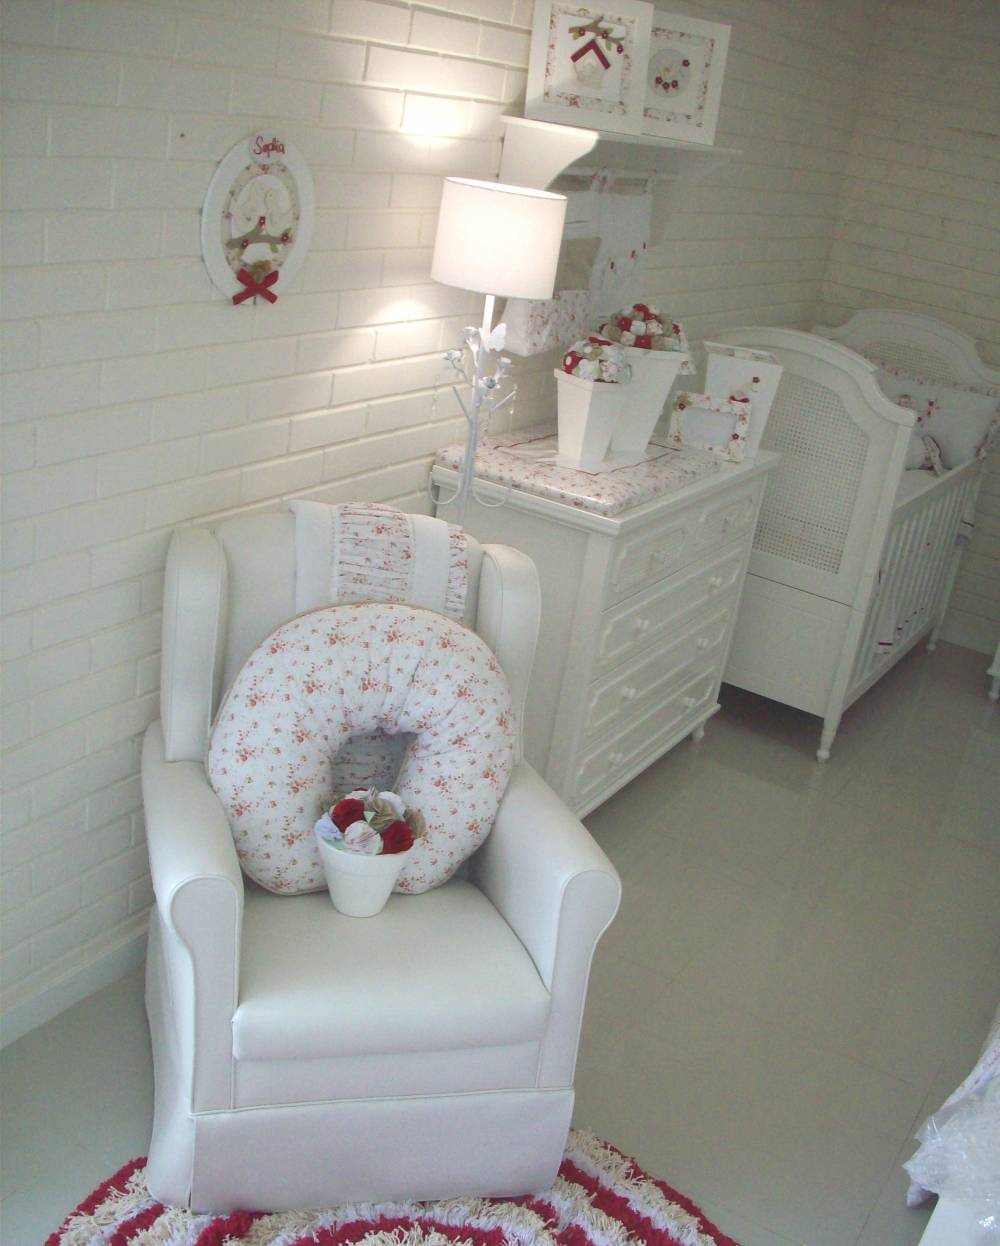 Decoração Quartos Bebê em Cotia - Decoração de Quarto de Bebê em Apartamento Pequeno